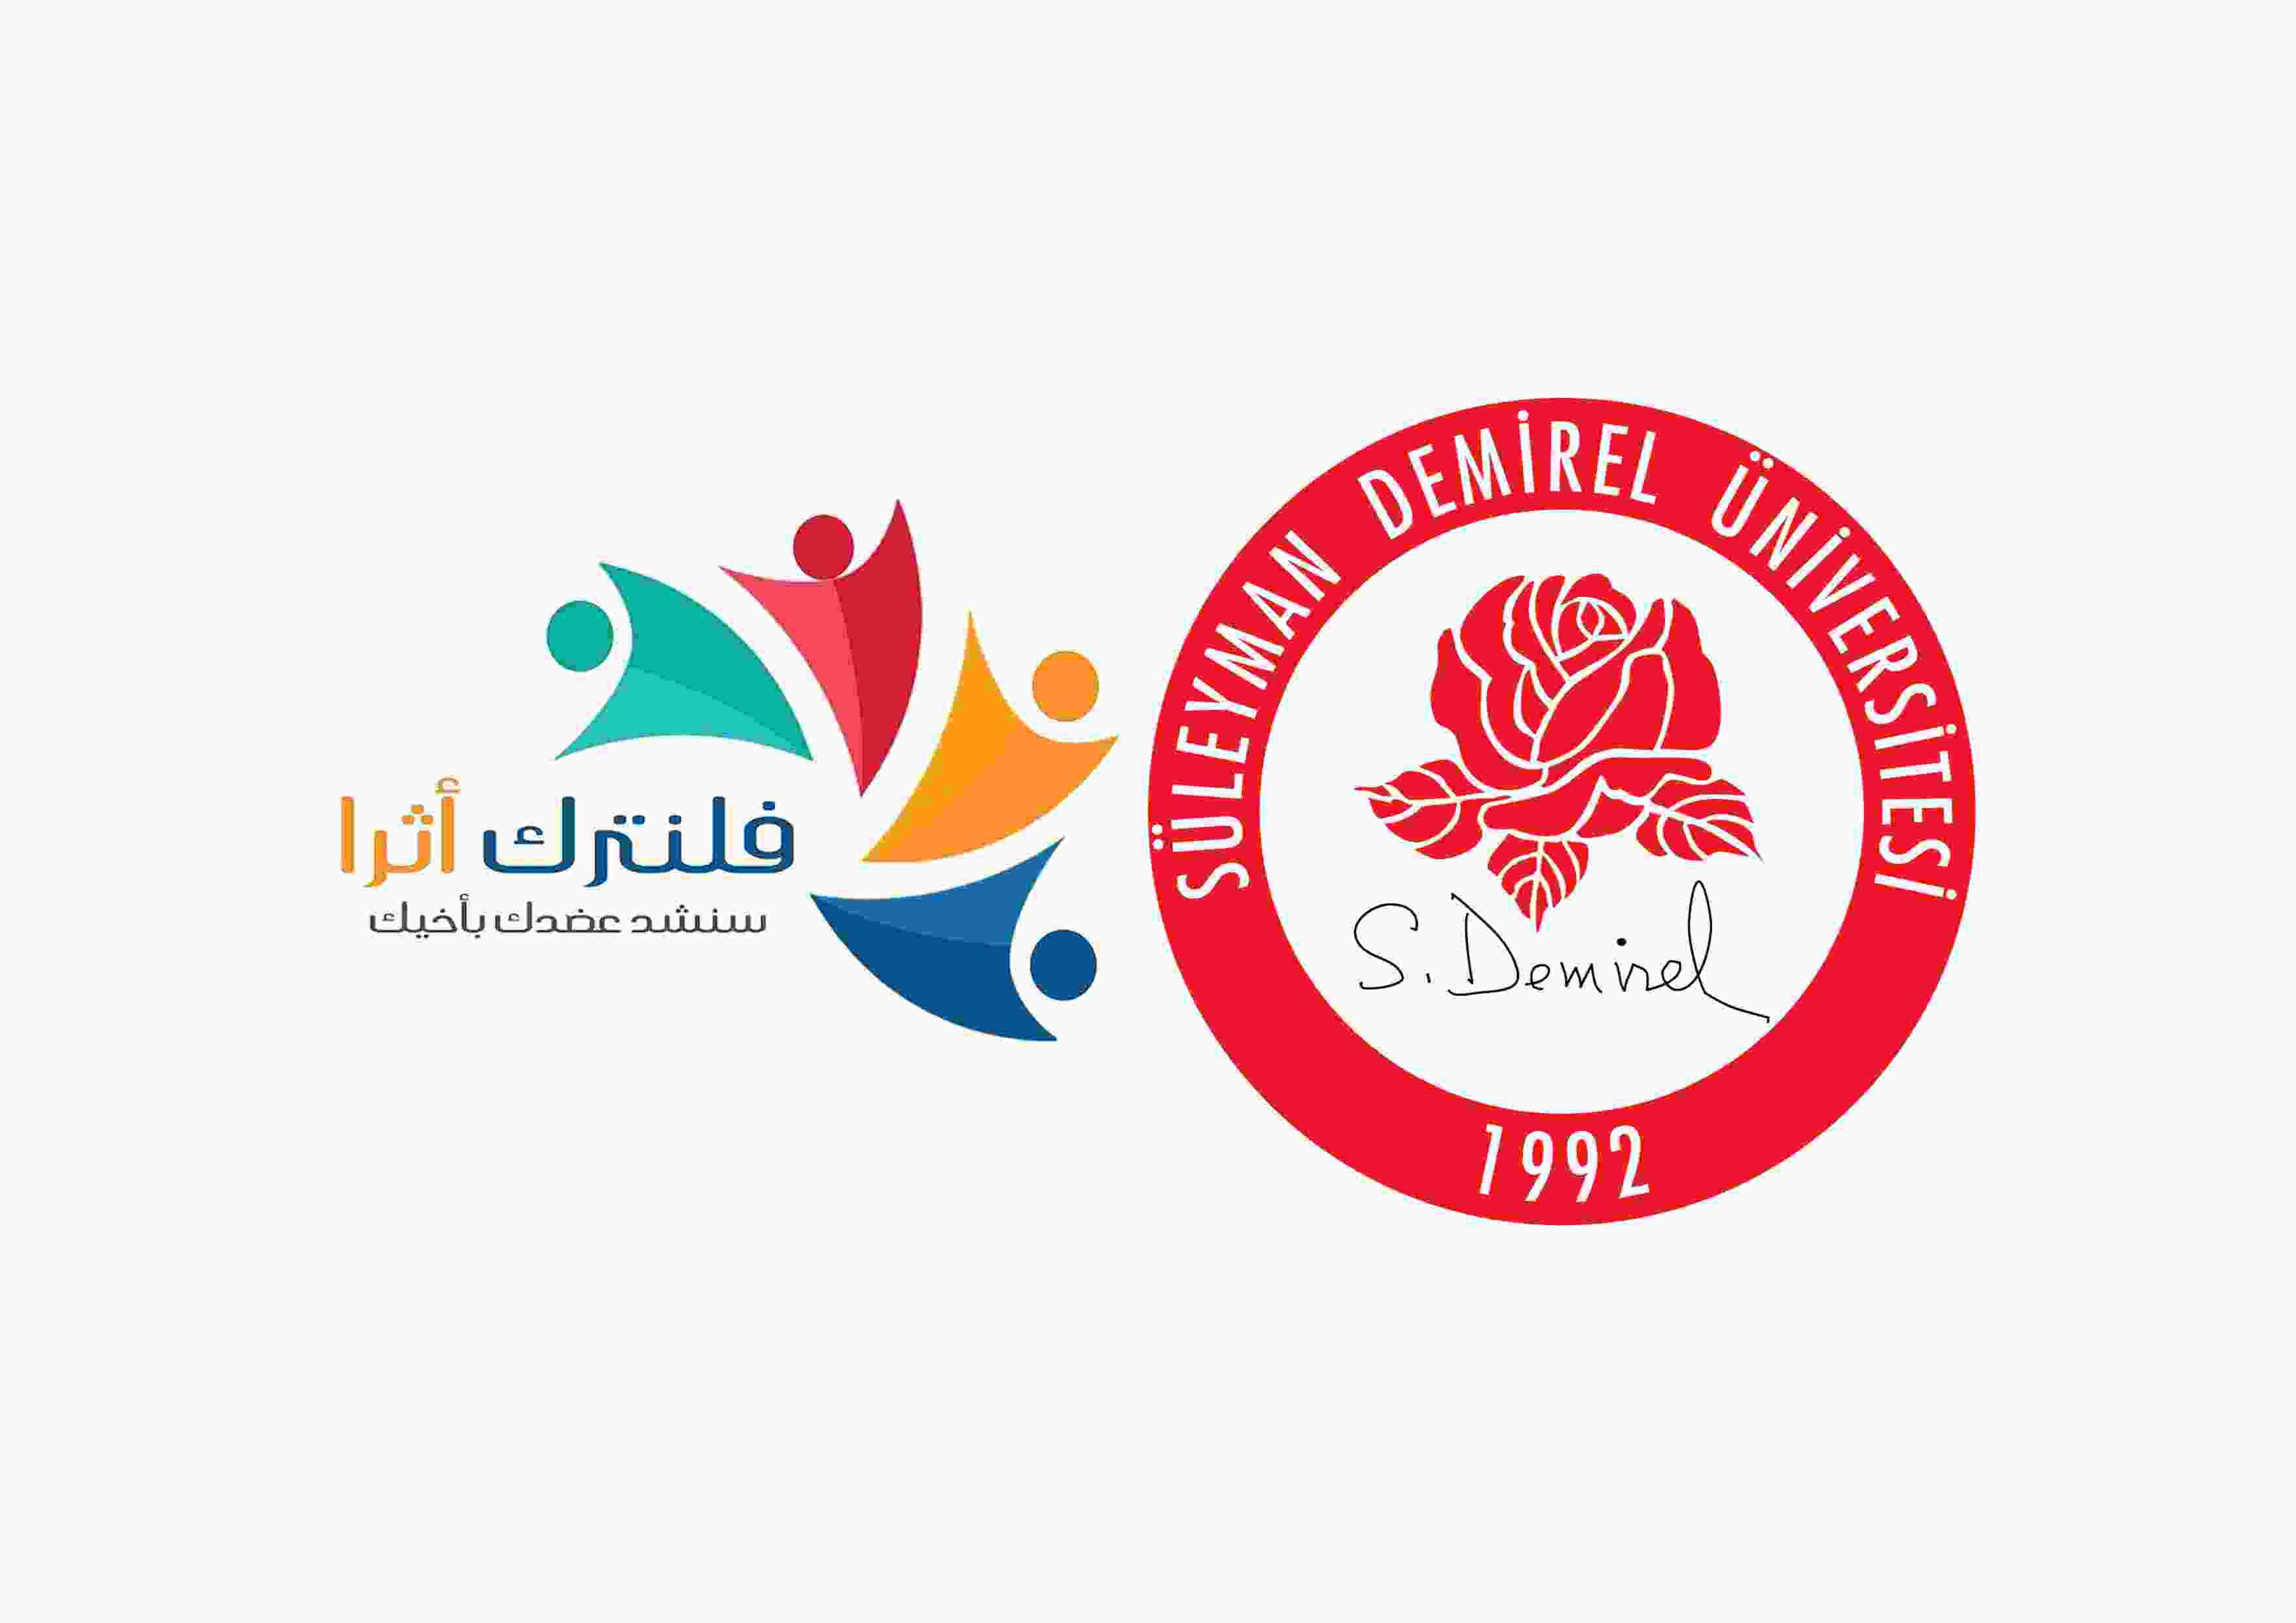 جامعة سليمان ديميرال